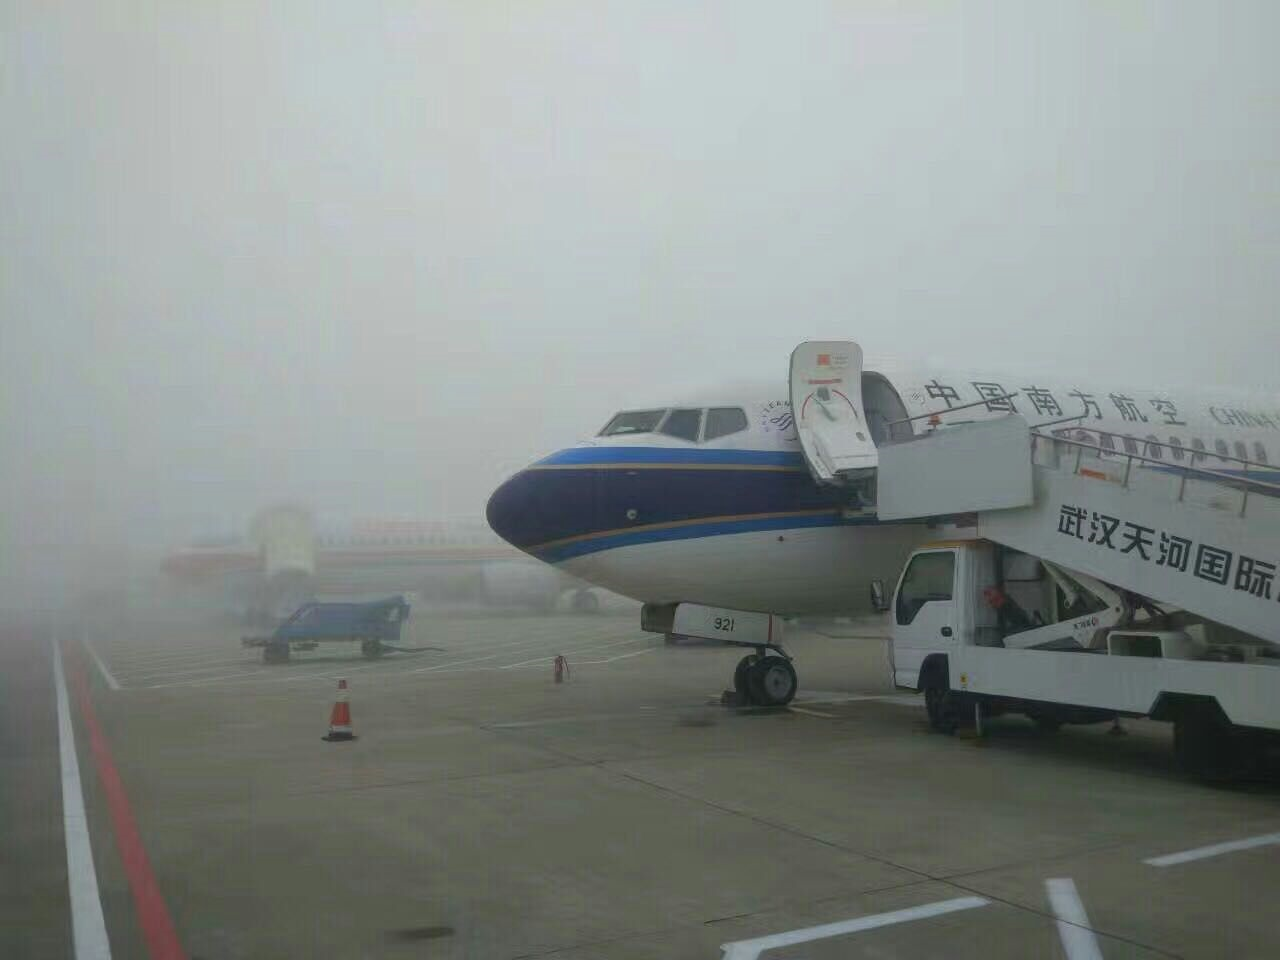 因大雾影响 春运首日天河机场25架航班延误